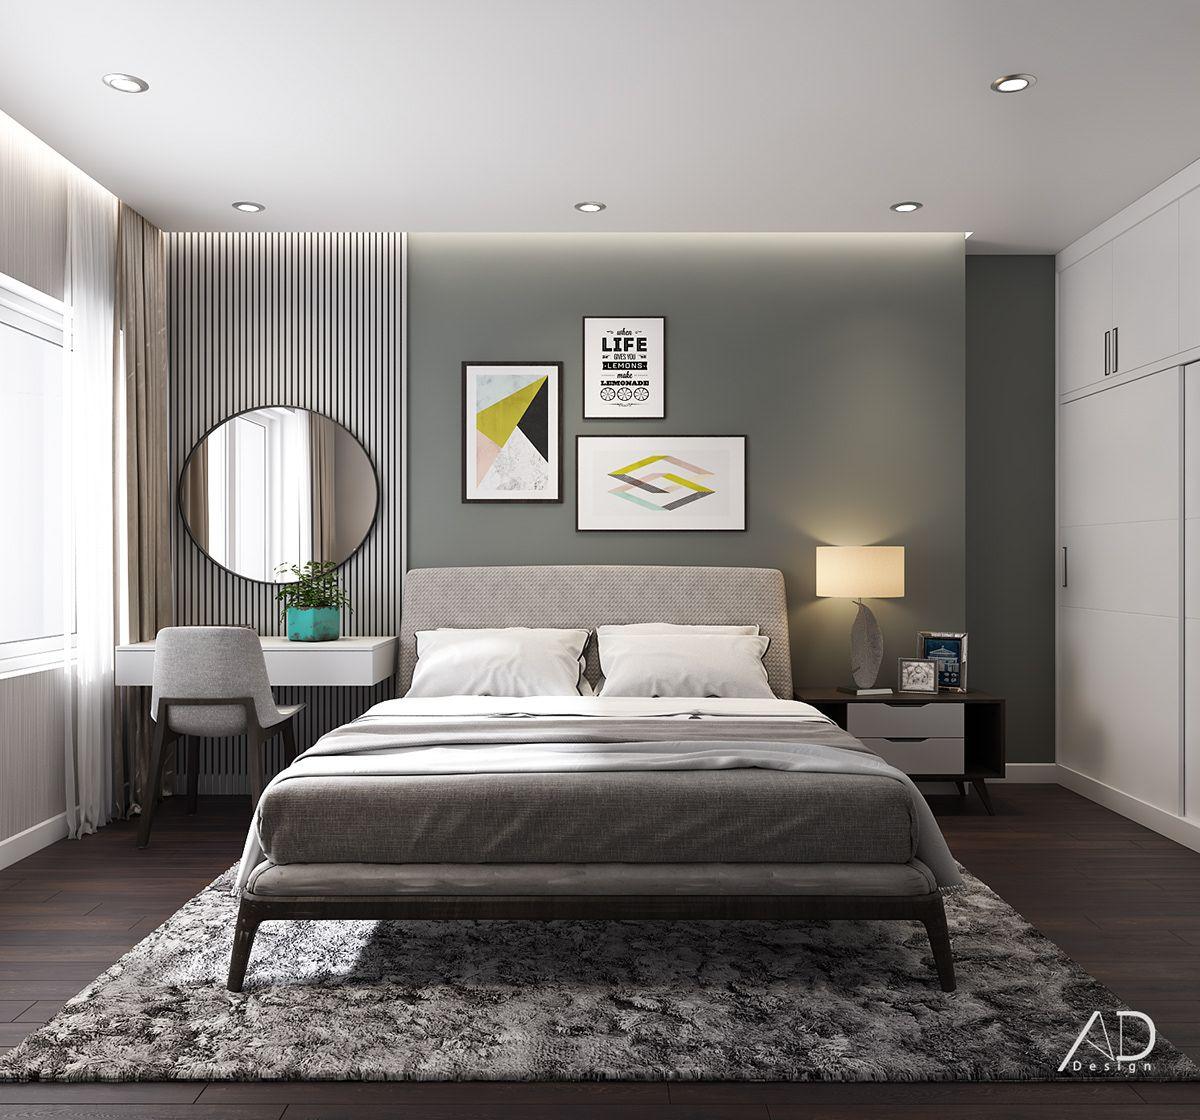 VINHOMES CENTRAL PARK on Behance   Bedroom bed design, Bedroom ...